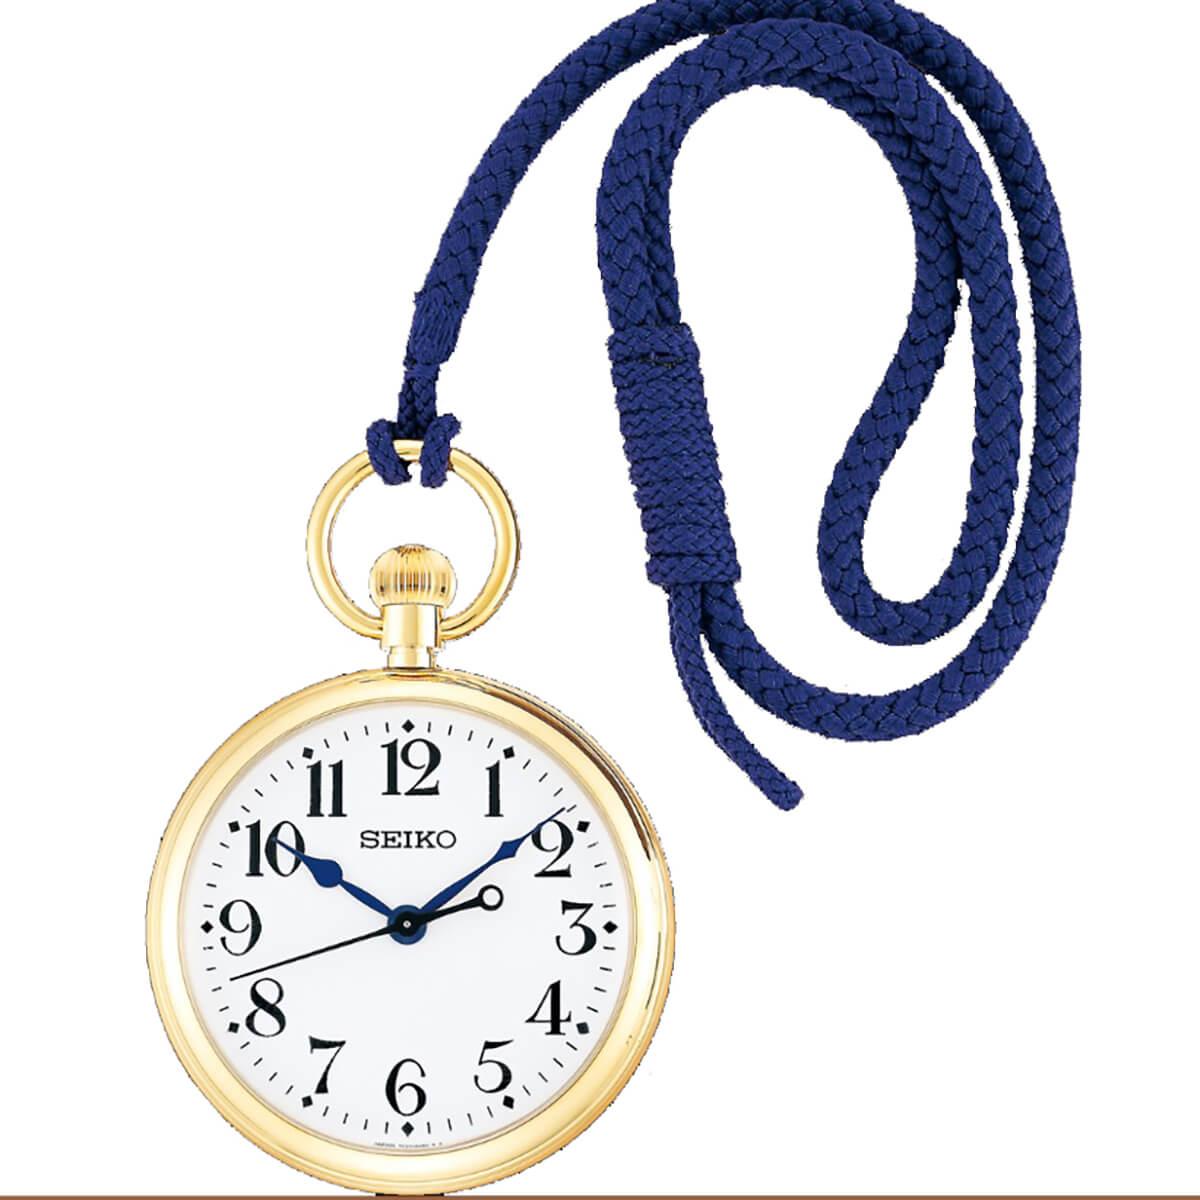 セイコー(SEIKO)鉄道時計 国産鉄道時計90周年記念限定モデル